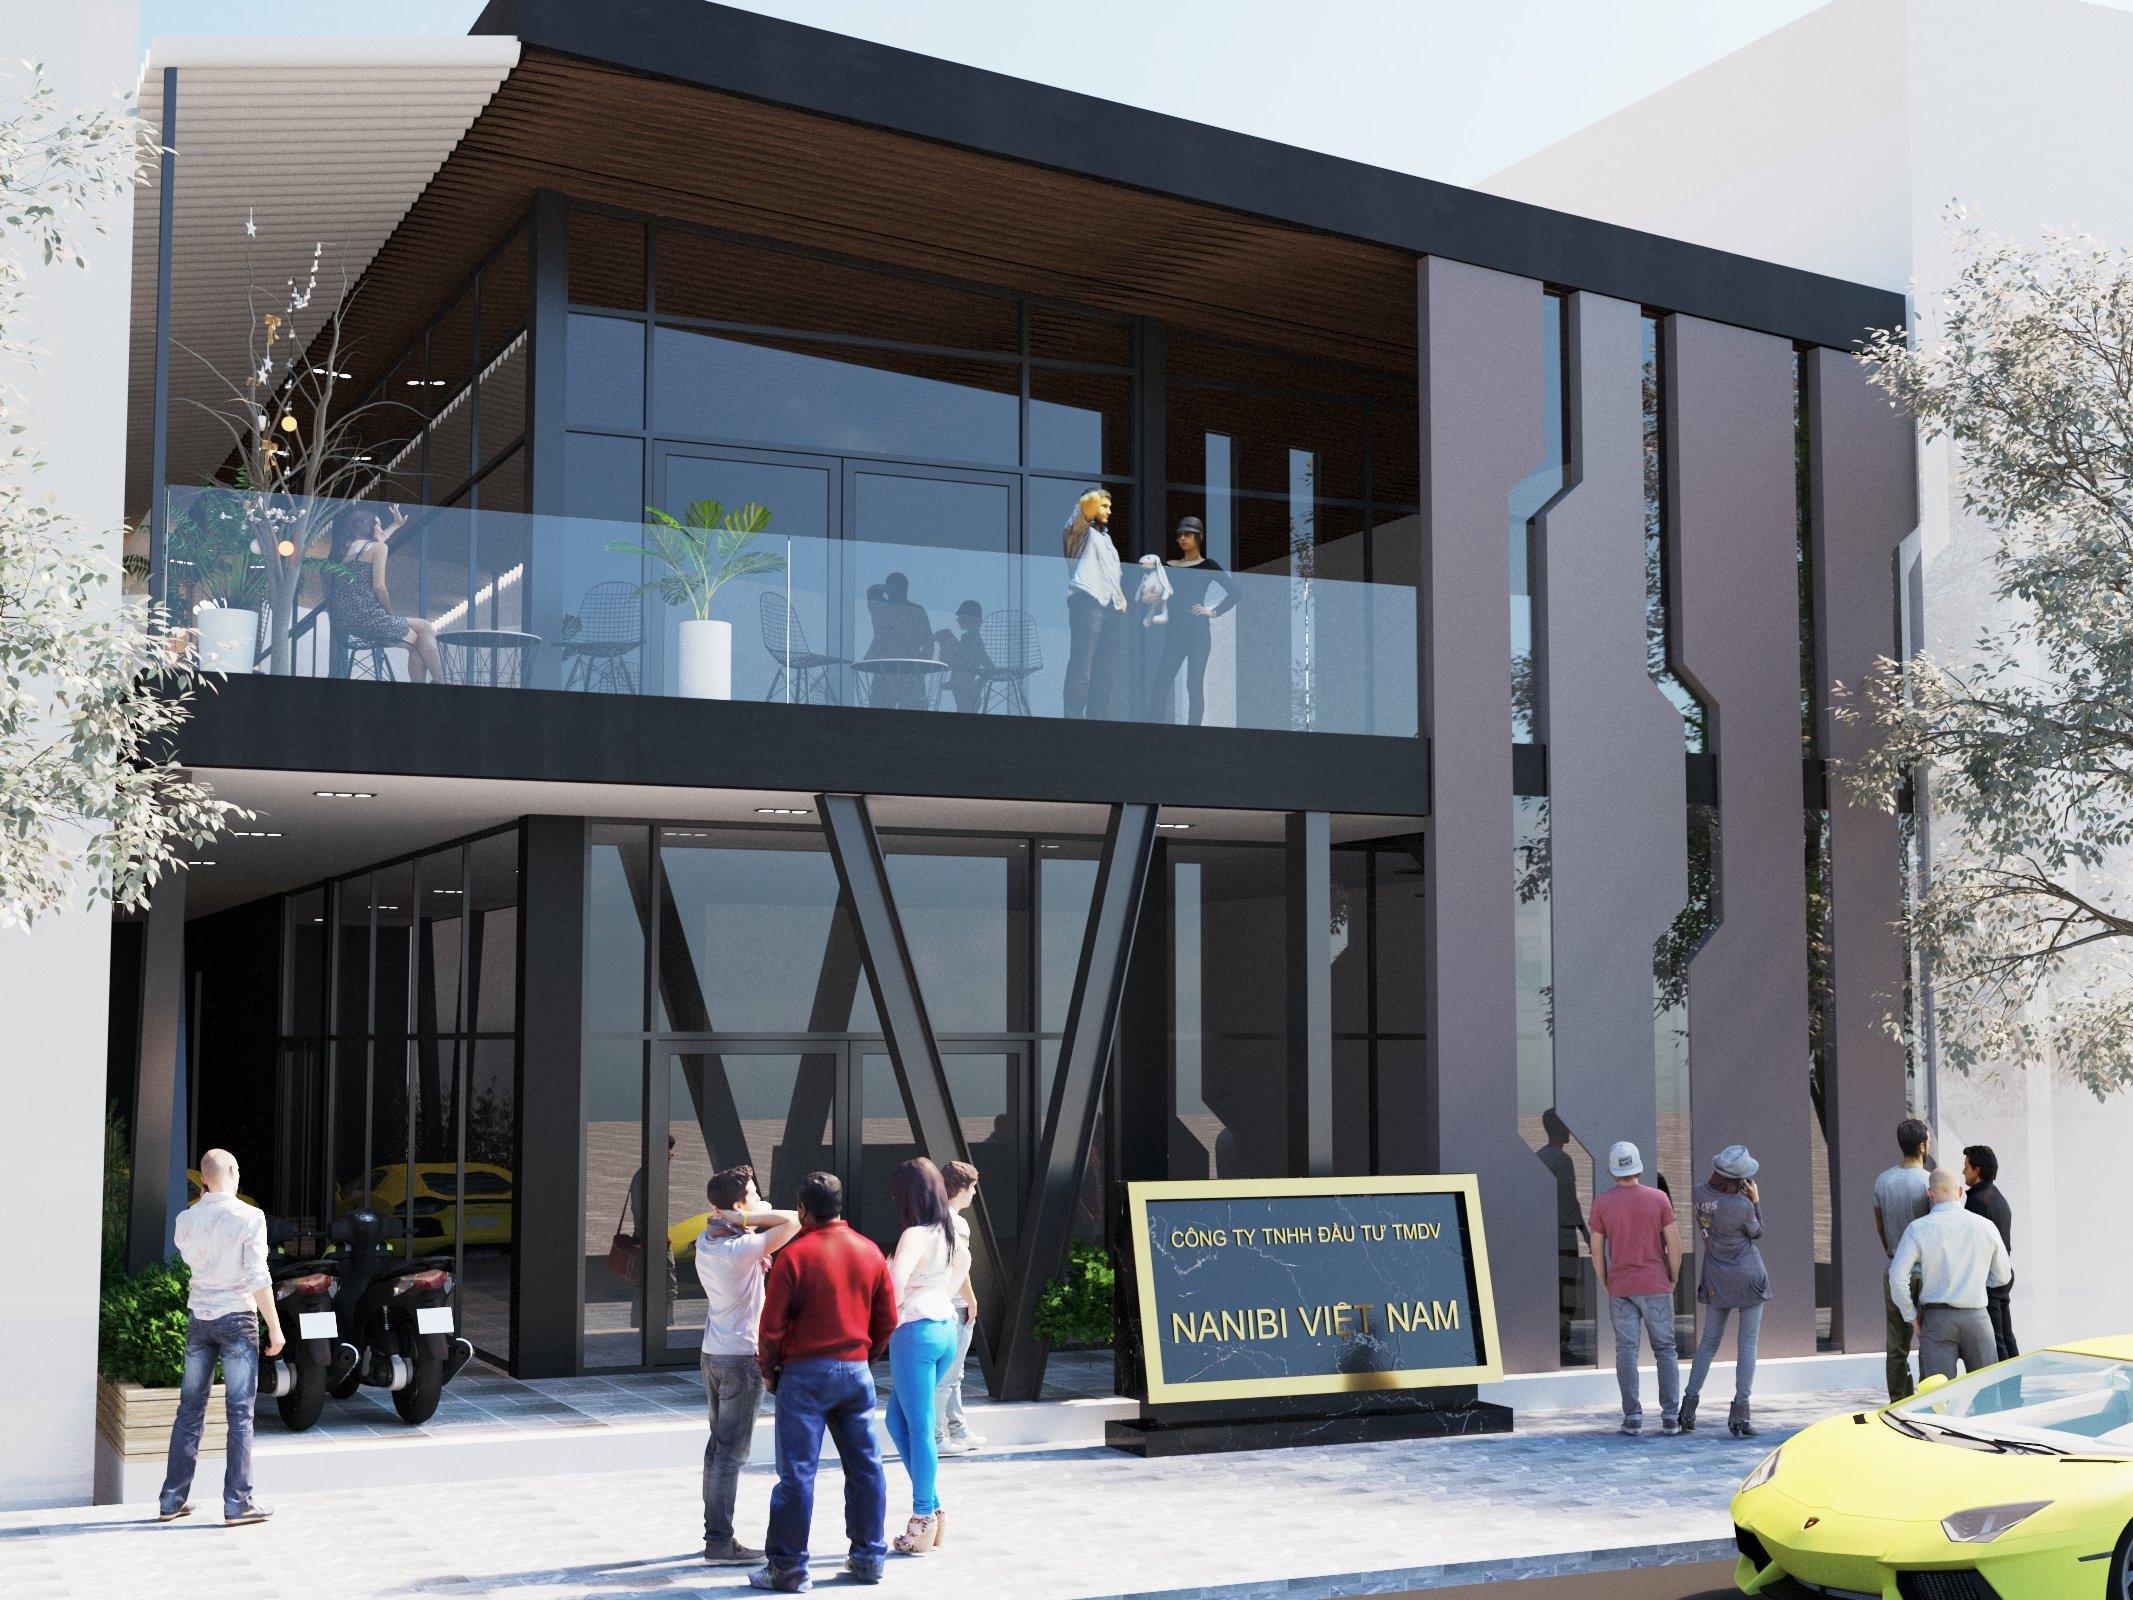 Không gian nhà tiền chế được thể hiện qua hai tầng, vừa trưng bày mặt hàng công ty, vừa có không gian giải trí cho khách hàng